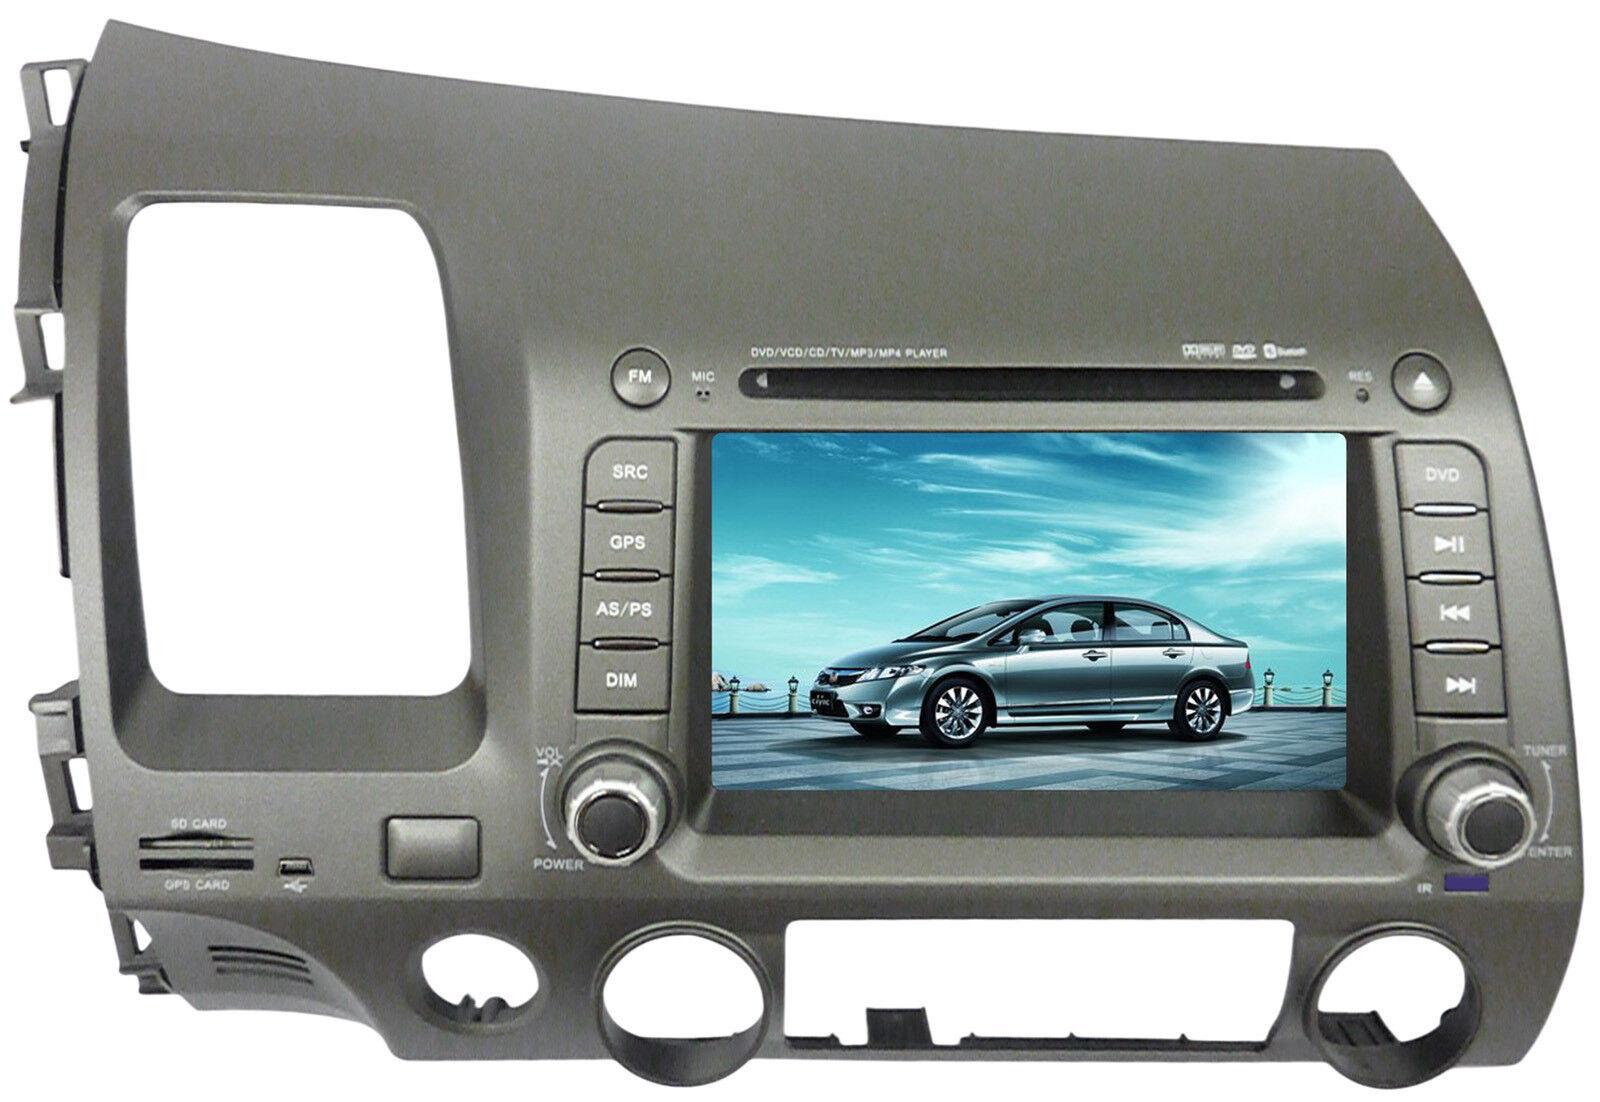 7 in dash car dvd stereo gps navigation tv honda civic. Black Bedroom Furniture Sets. Home Design Ideas